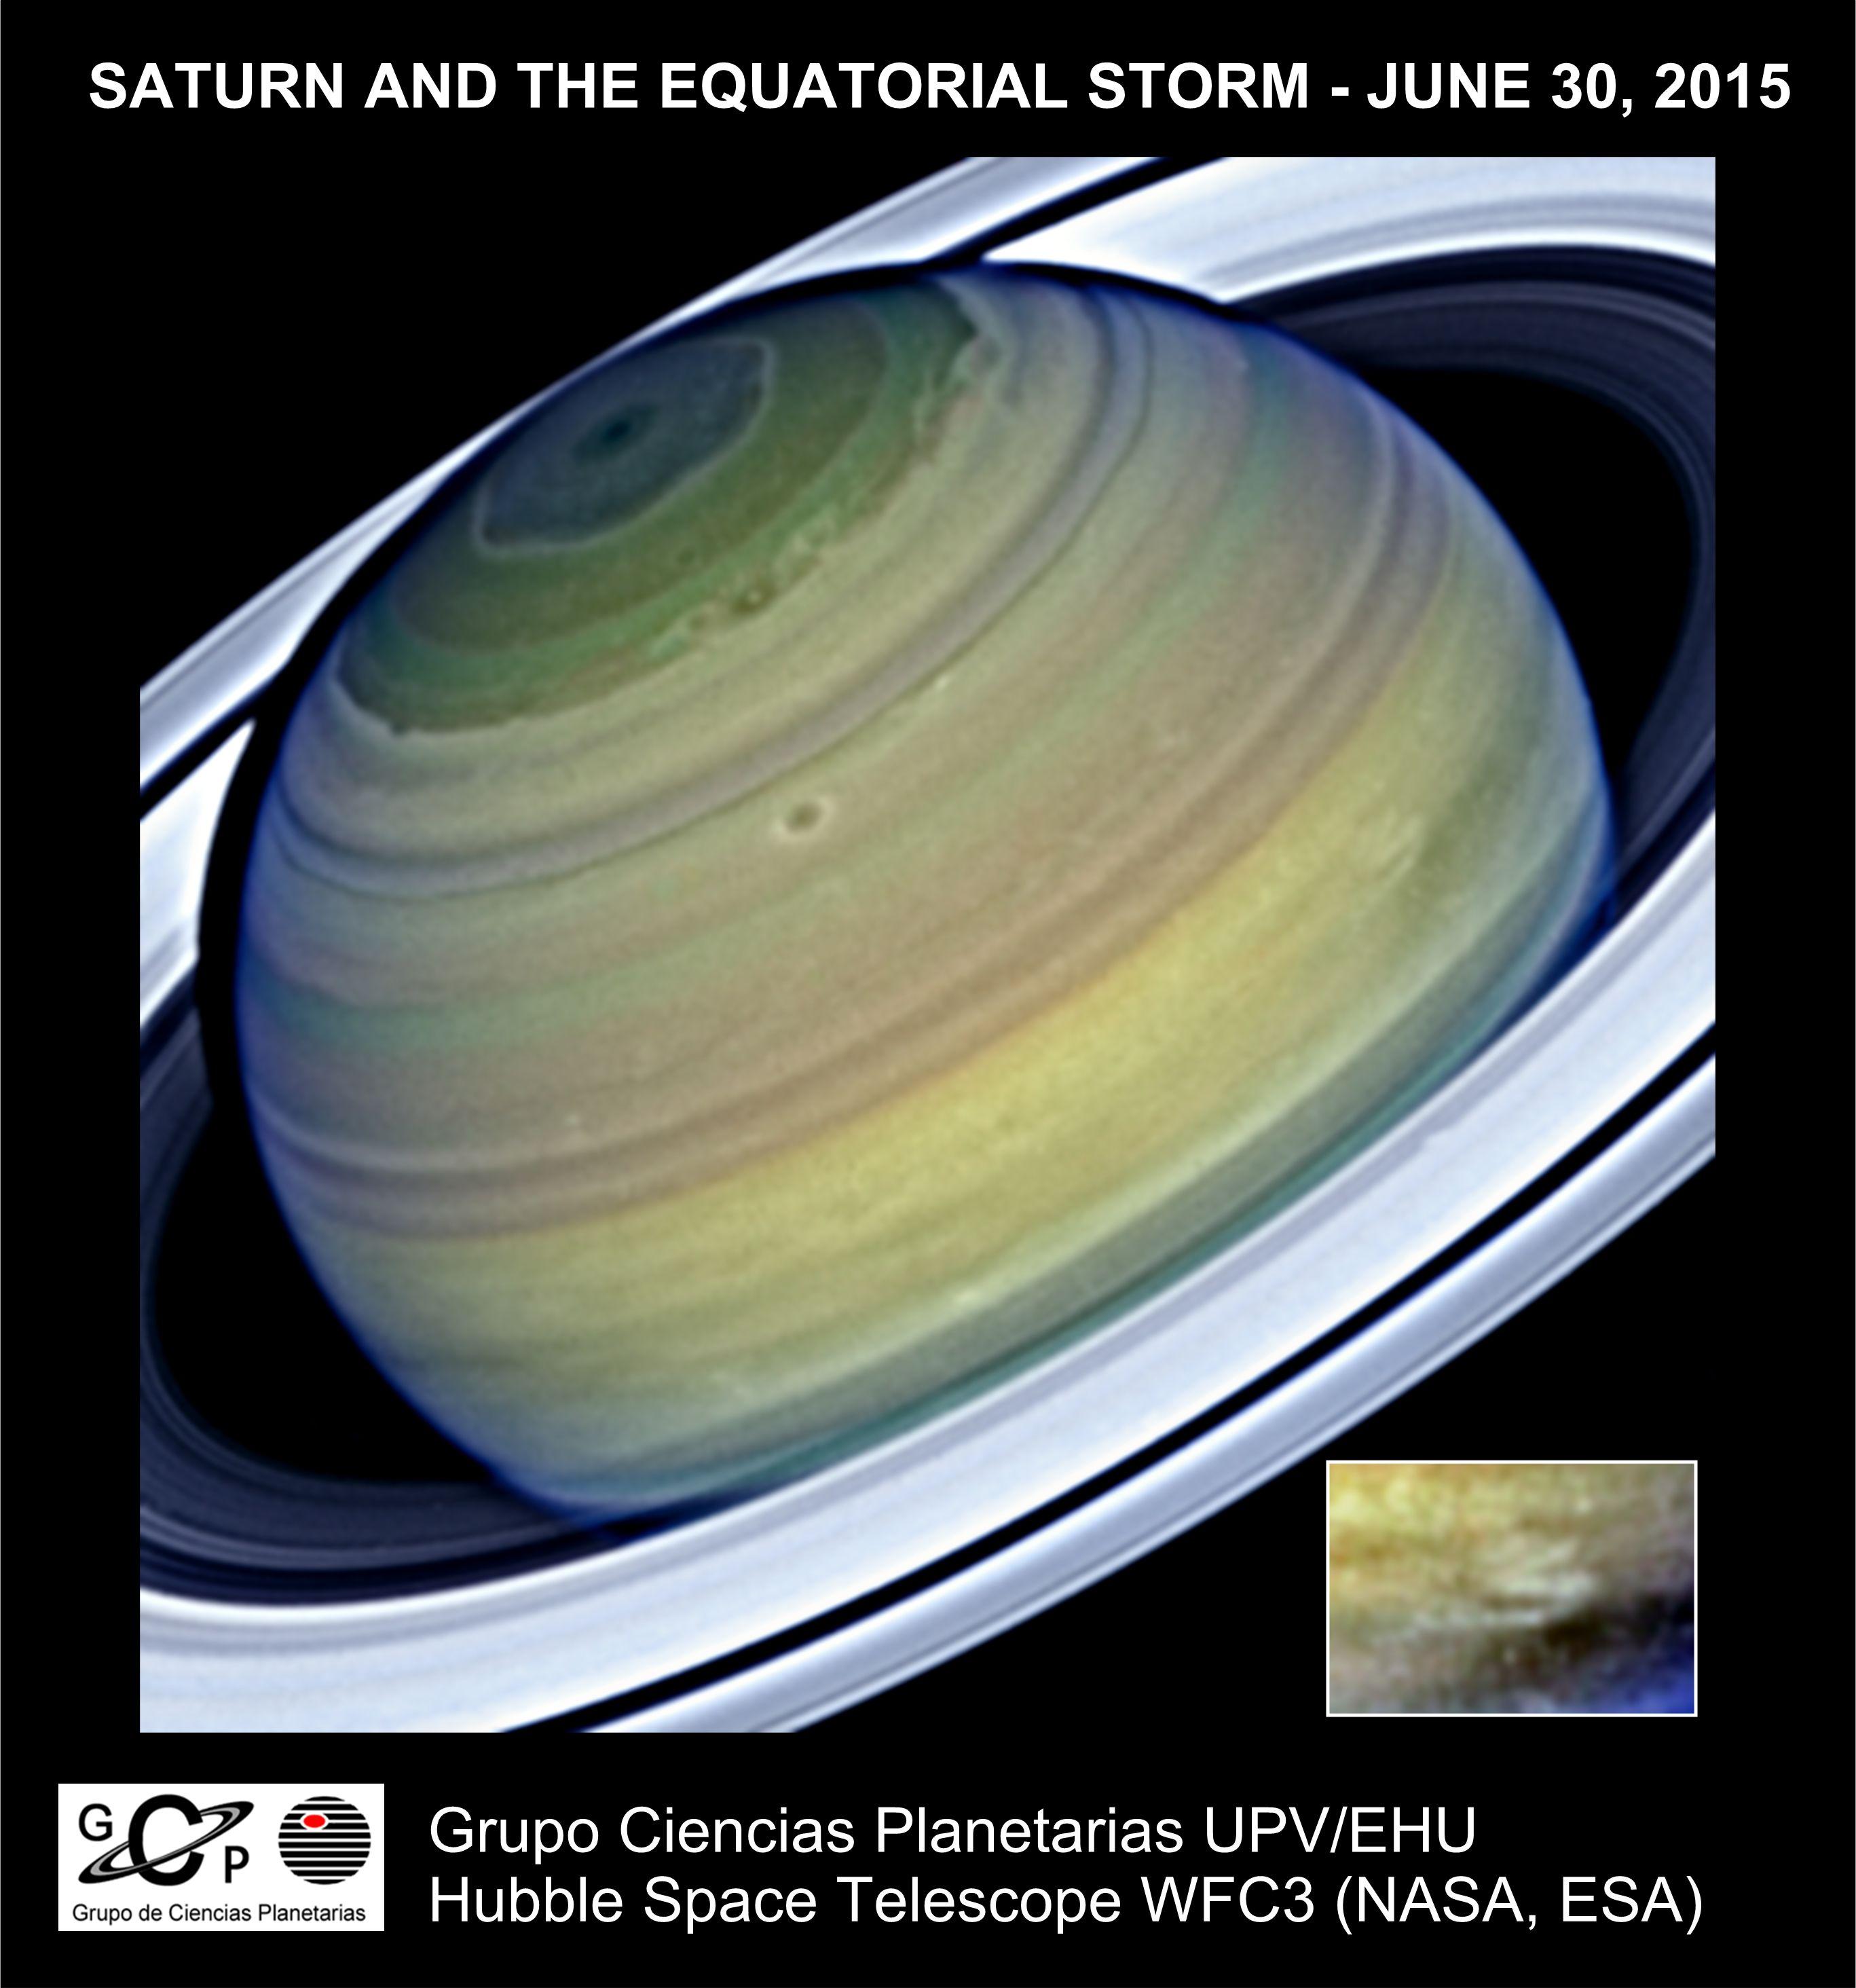 Saturnoko jet korronte handiaren berezitasunak aztertu ditu UPV/EHUko ikerlari talde batek